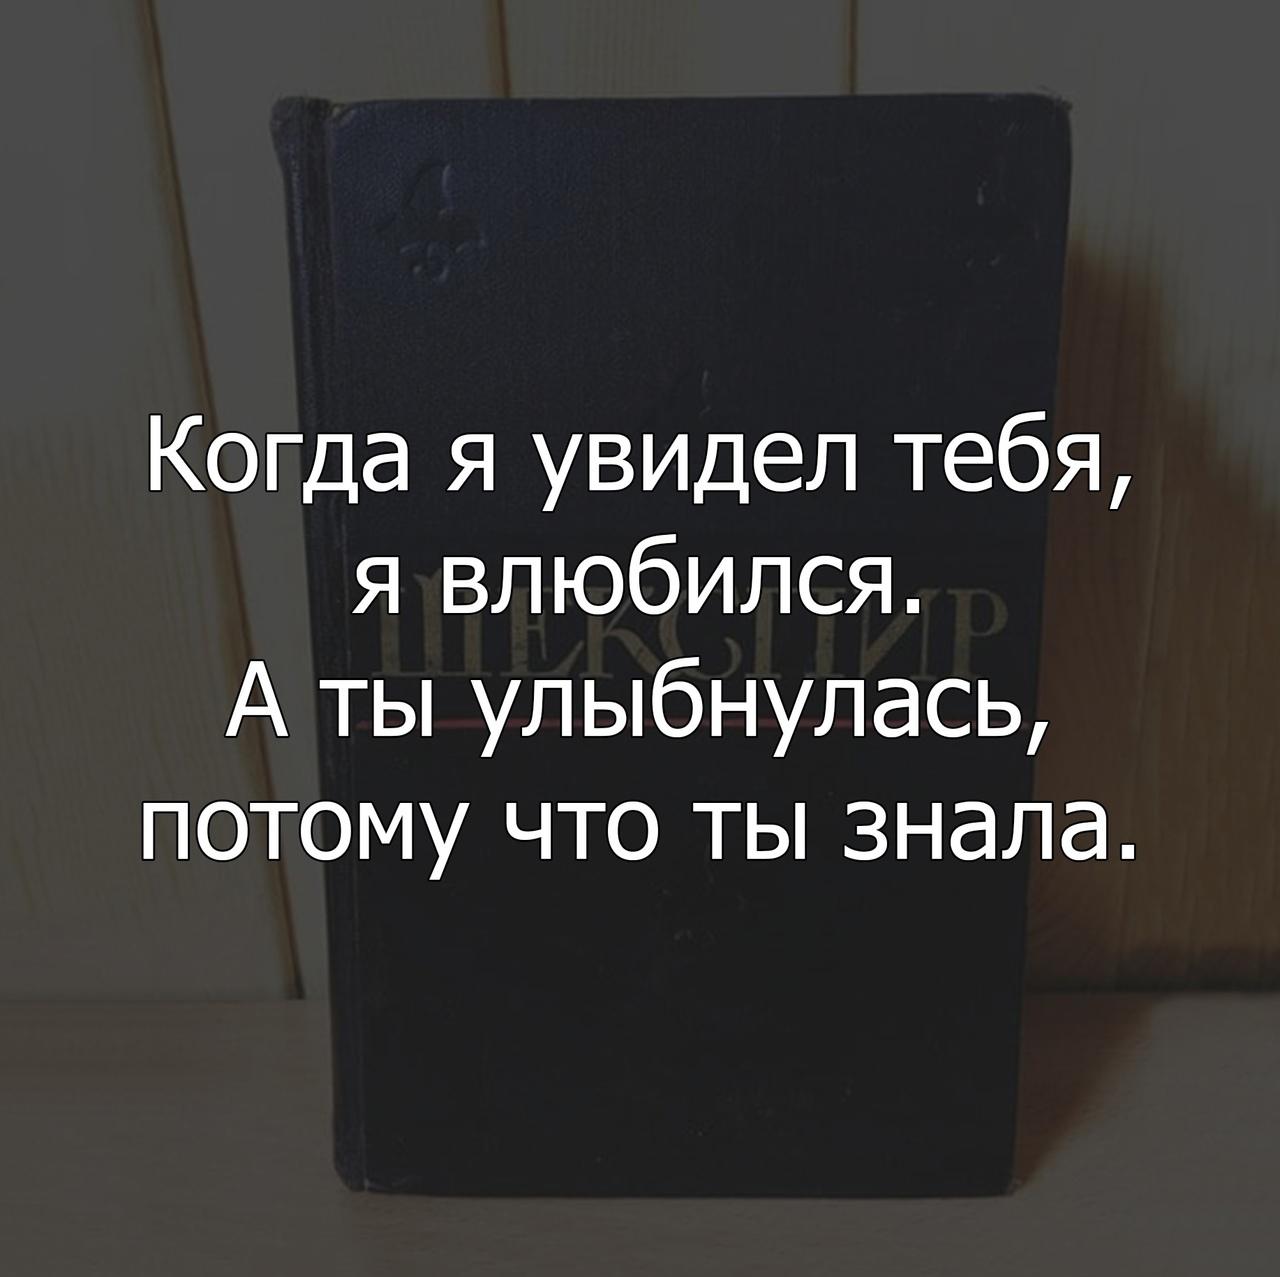 Знание не всегда сила